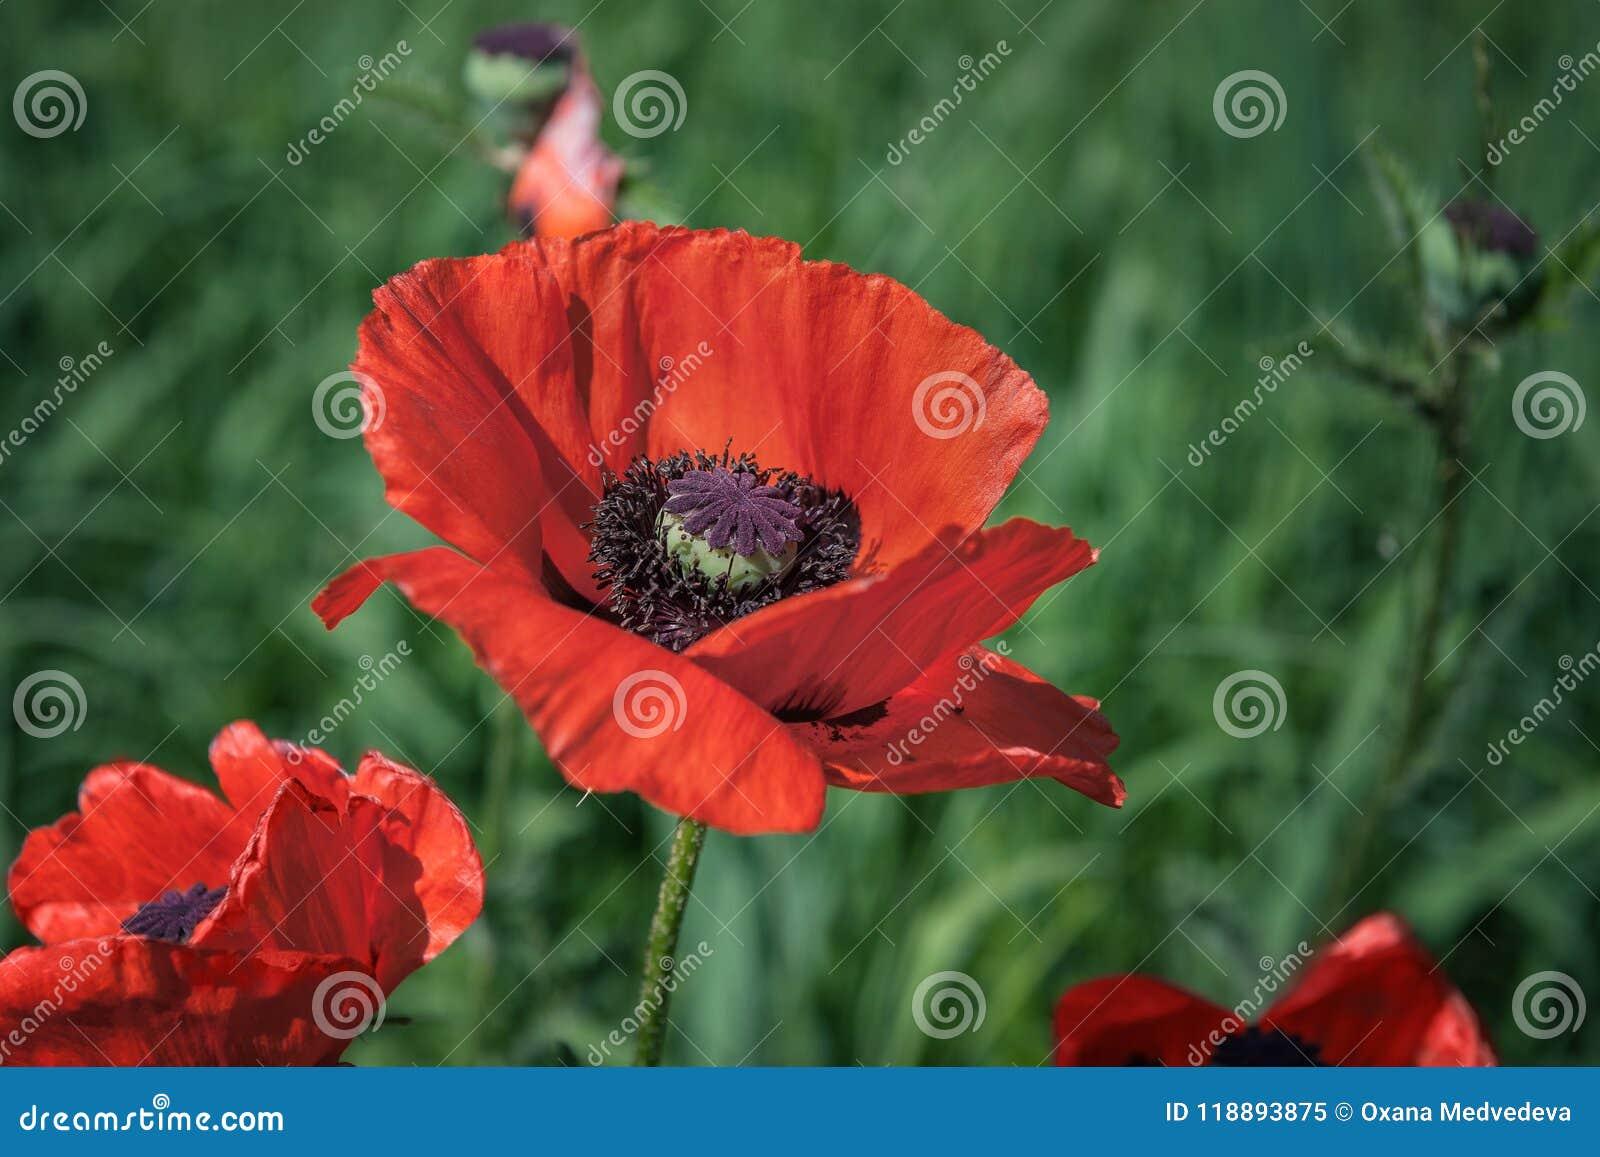 Red Poppy Flowers Poppies In The Garden Poppy Spring Summer Flower